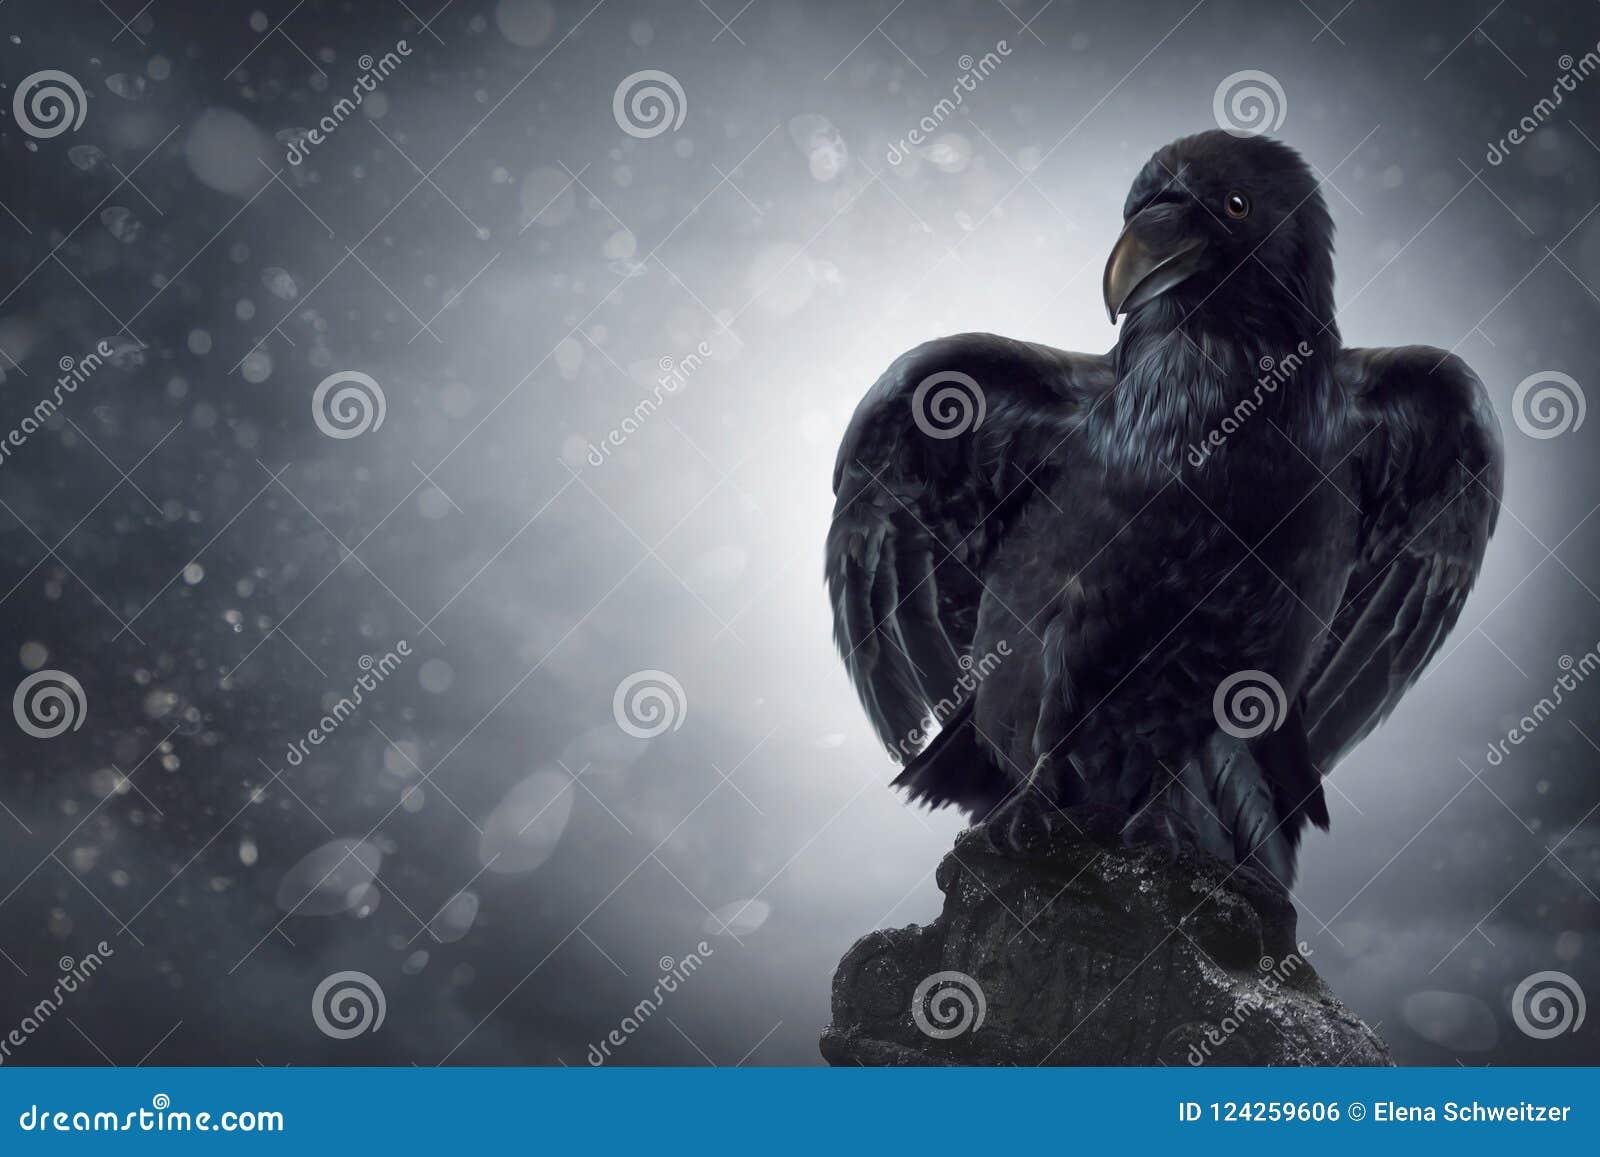 Черная ворона на могильном камне